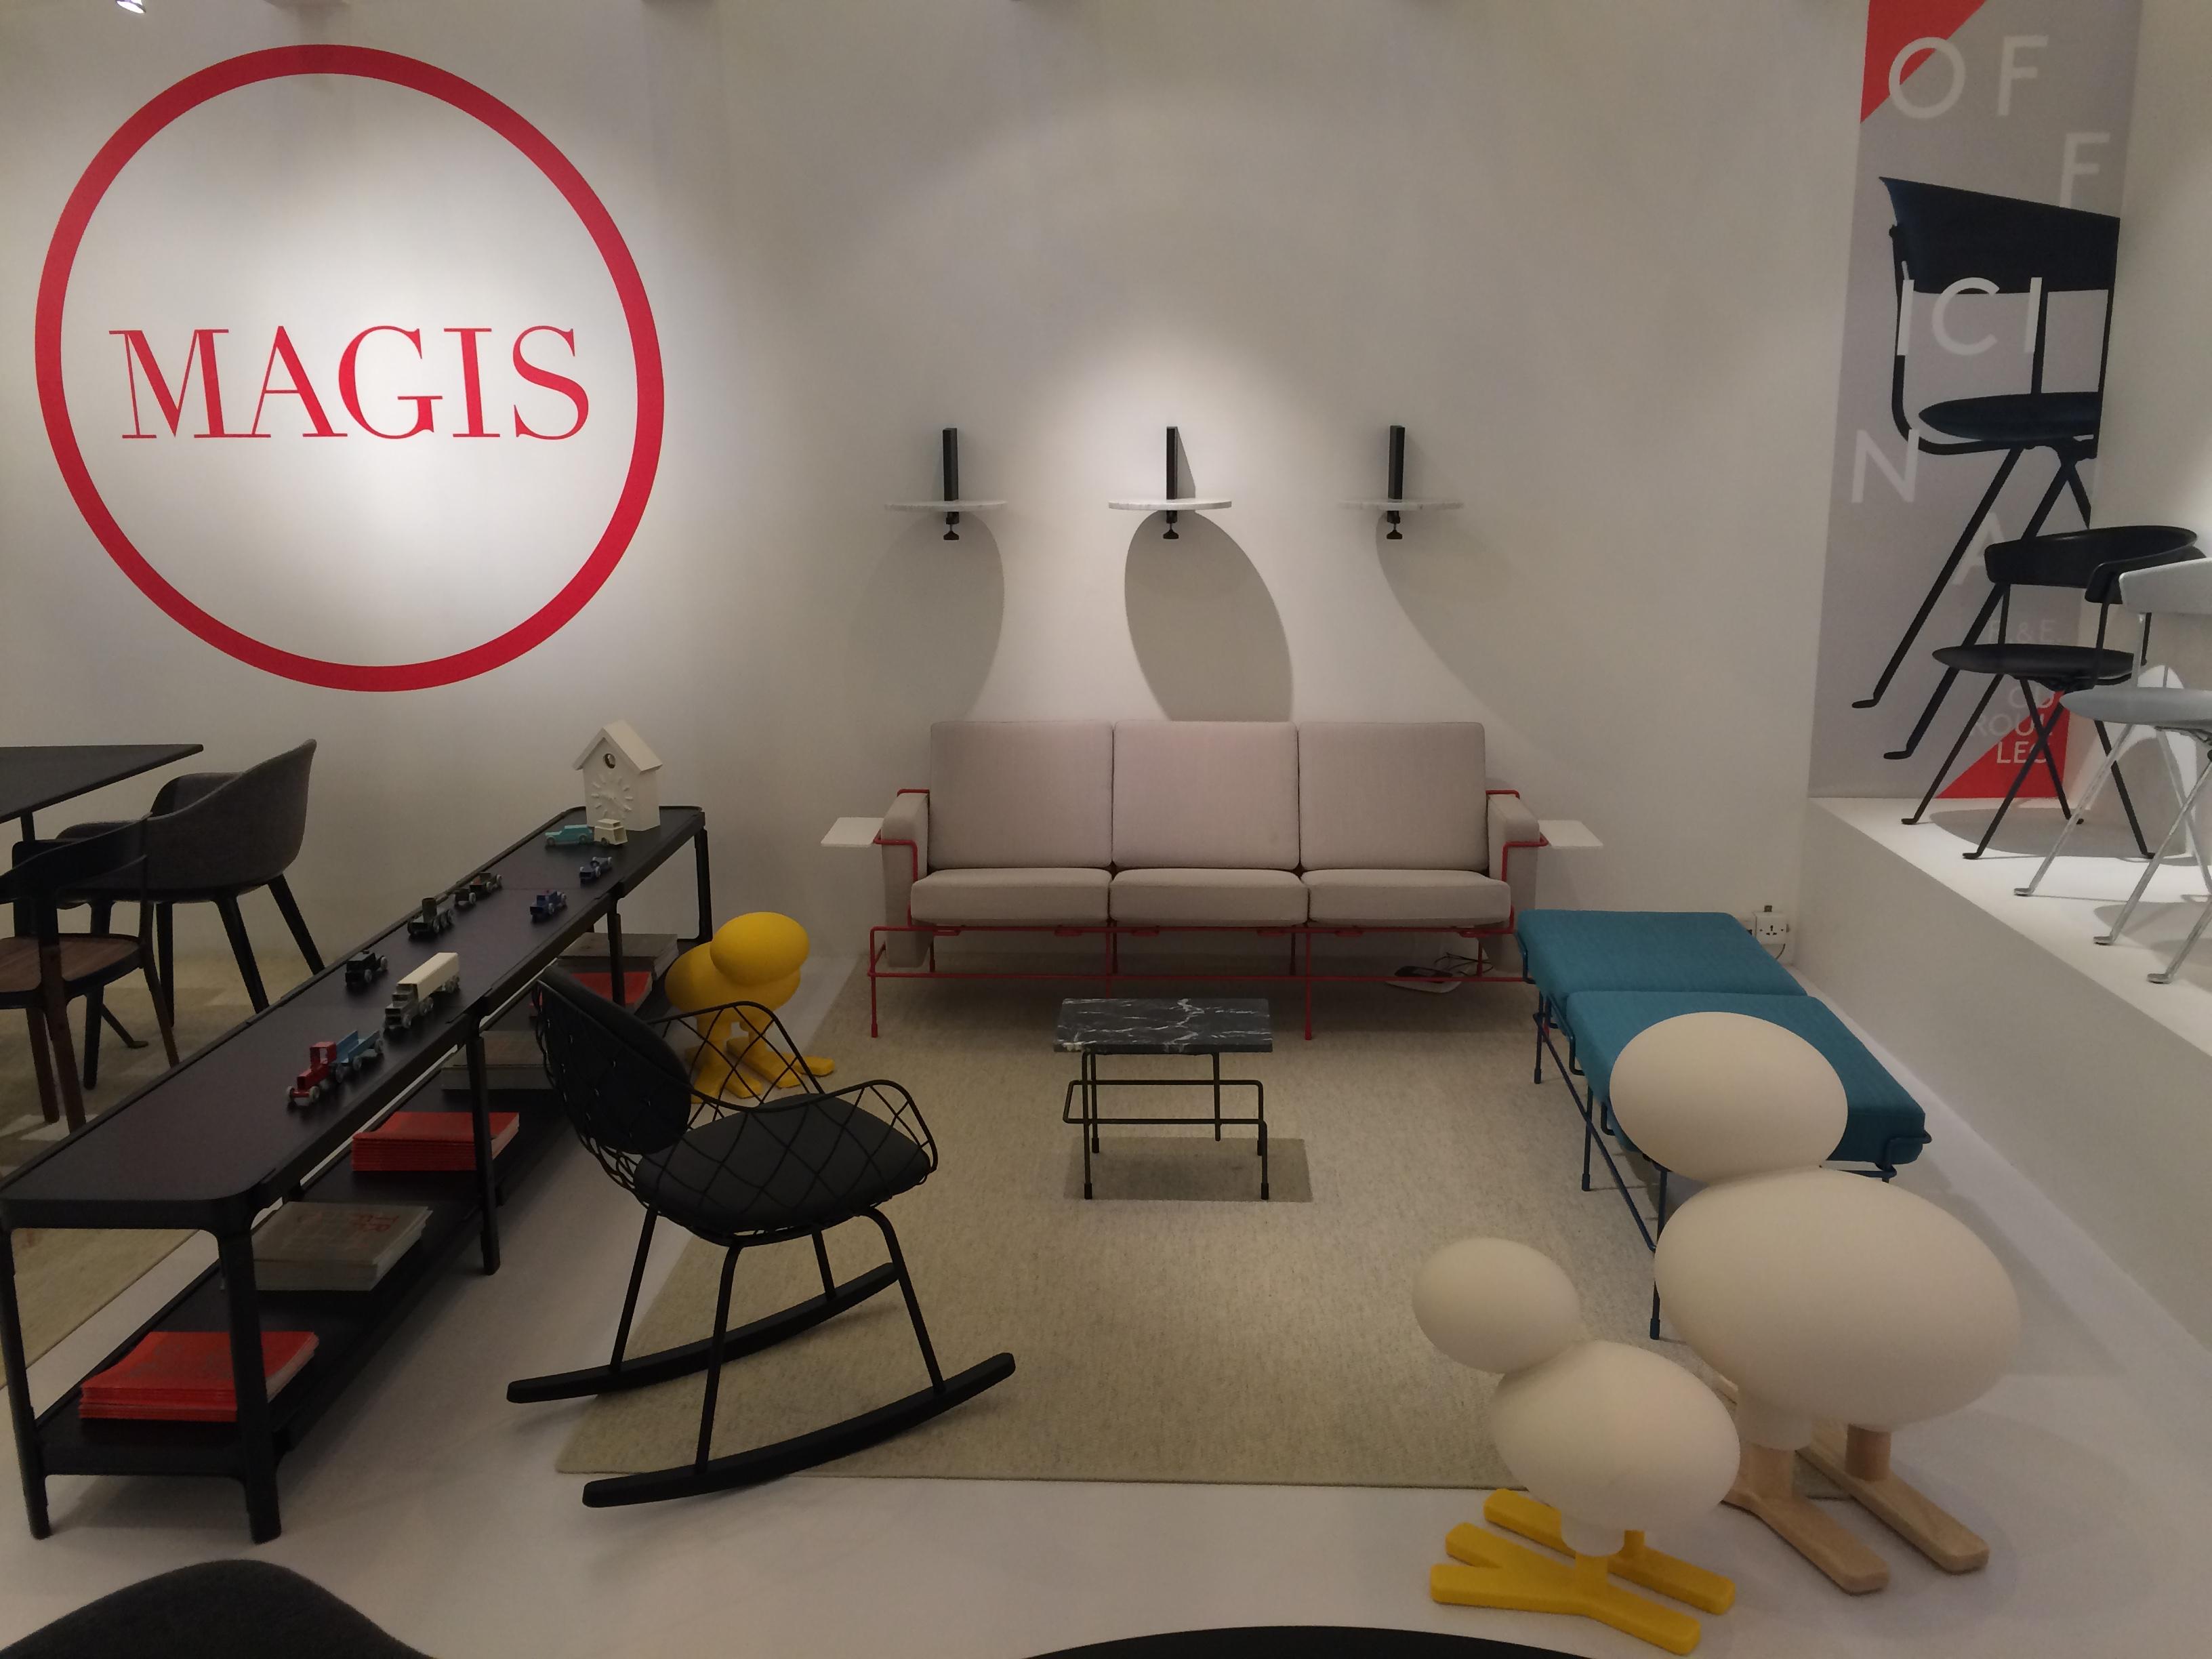 Magis at design shanghai magis for Magis design